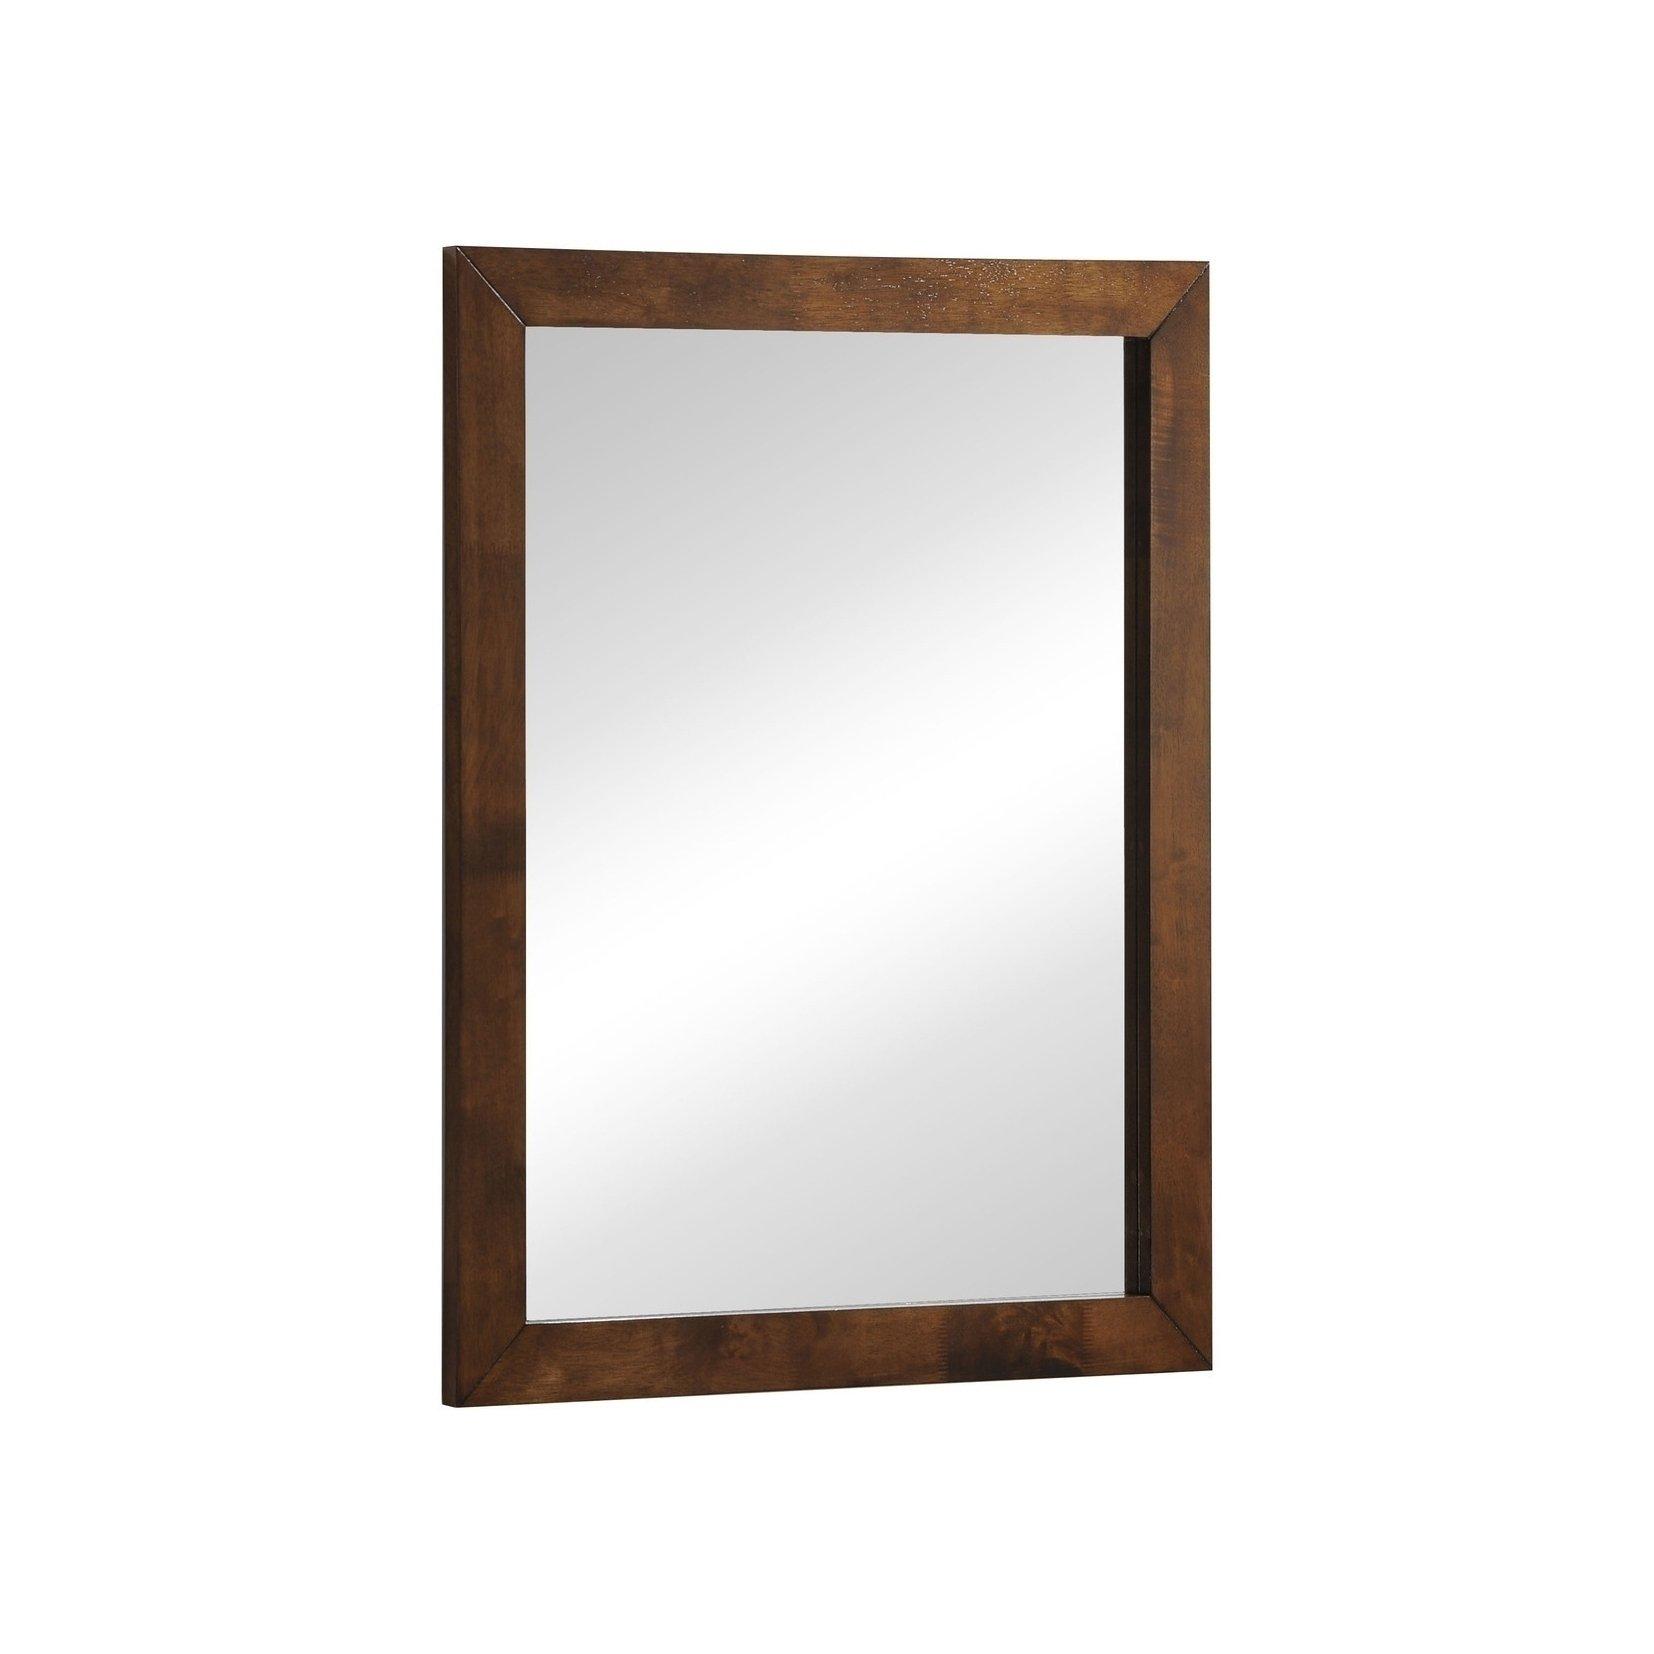 Hammond | La Mirror Furniture-Decor Accessories-Mirrors